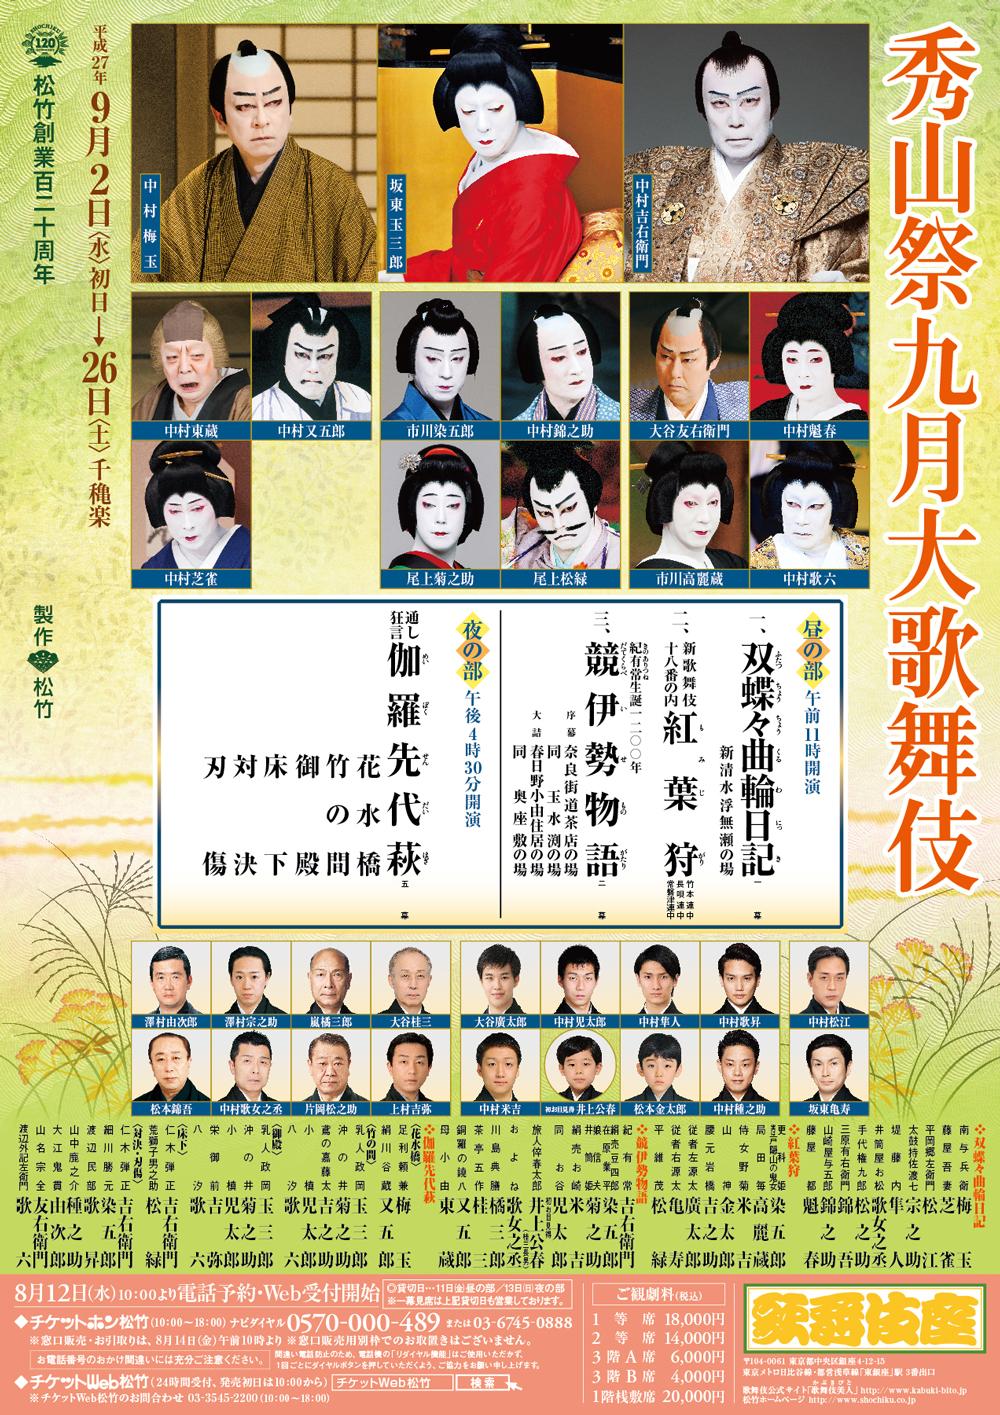 9月の歌舞伎座 秀山祭九月大歌舞伎『伽羅先代萩』をチェック!